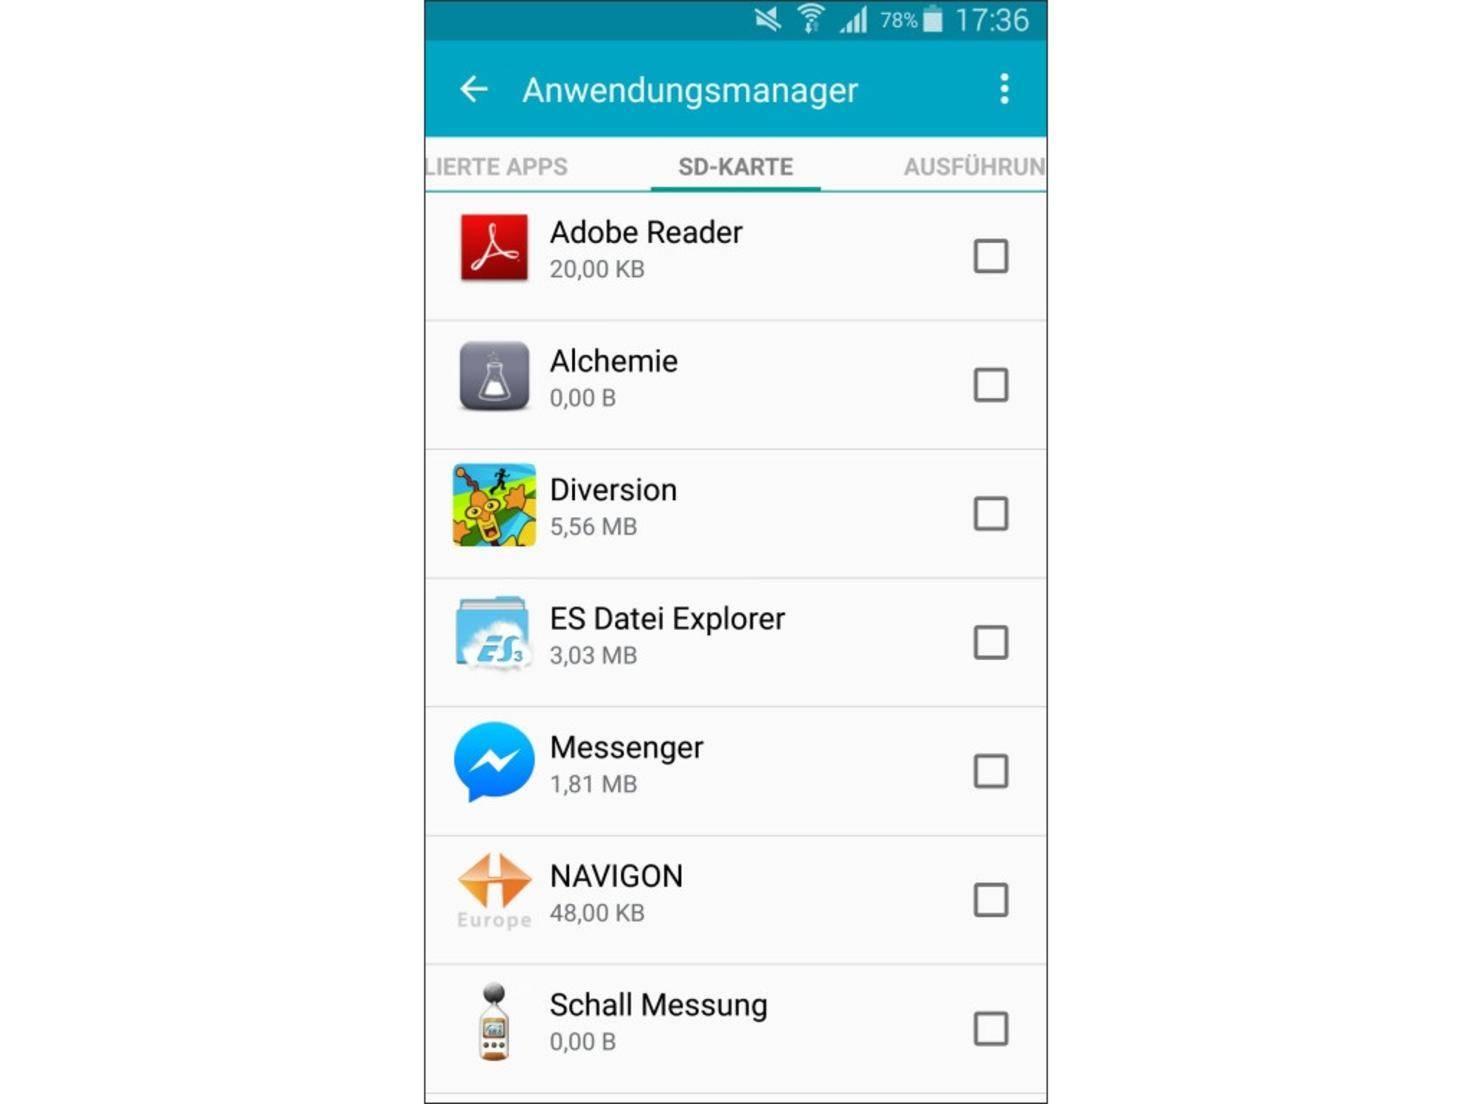 Externe Sd Karte Als Internen Speicher Nutzen.Unter Android Daten Auf Die Sd Karte Verschieben So Geht S